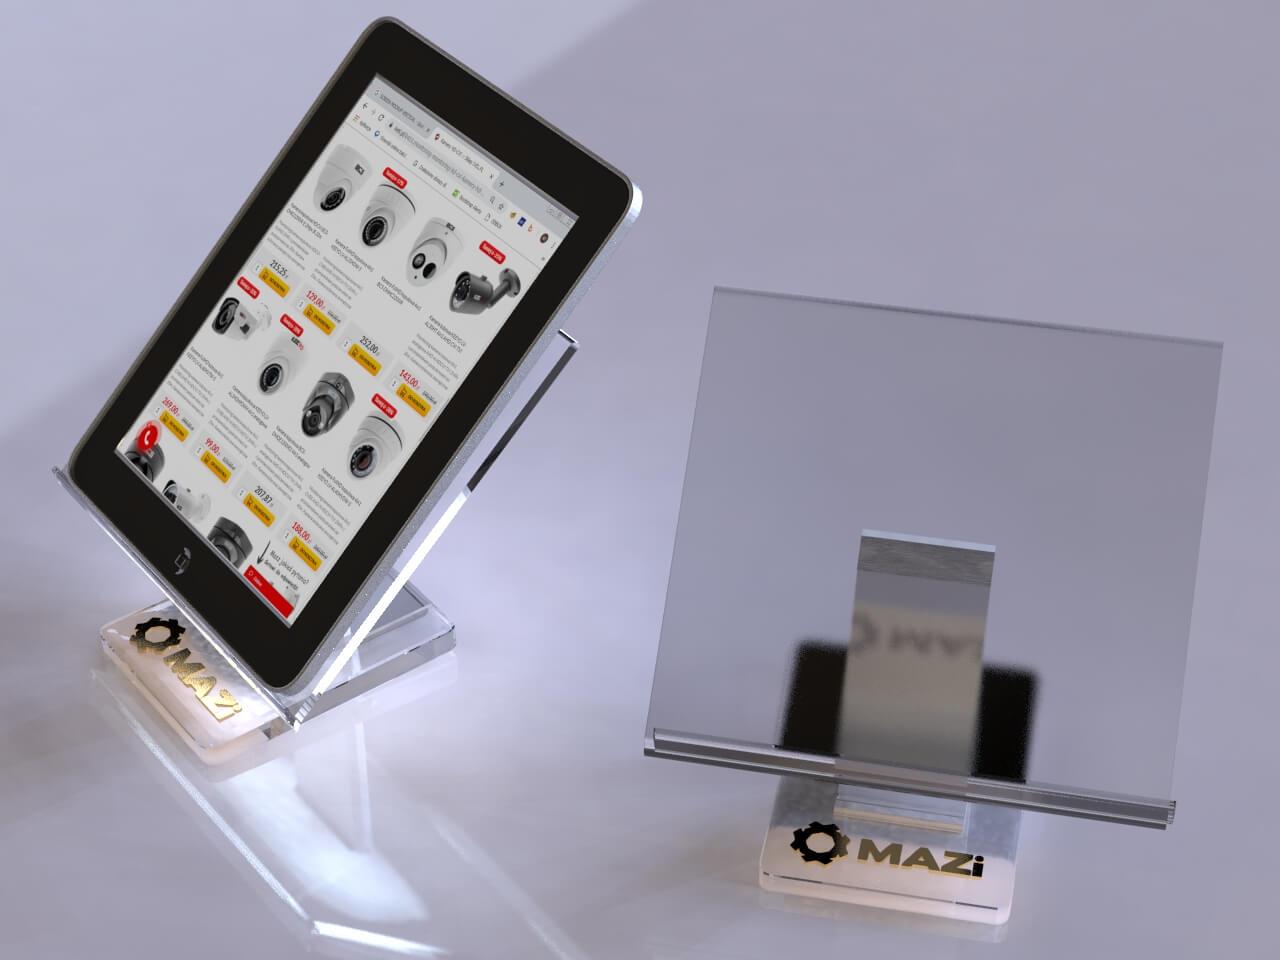 Stand - podkładka pod tablet